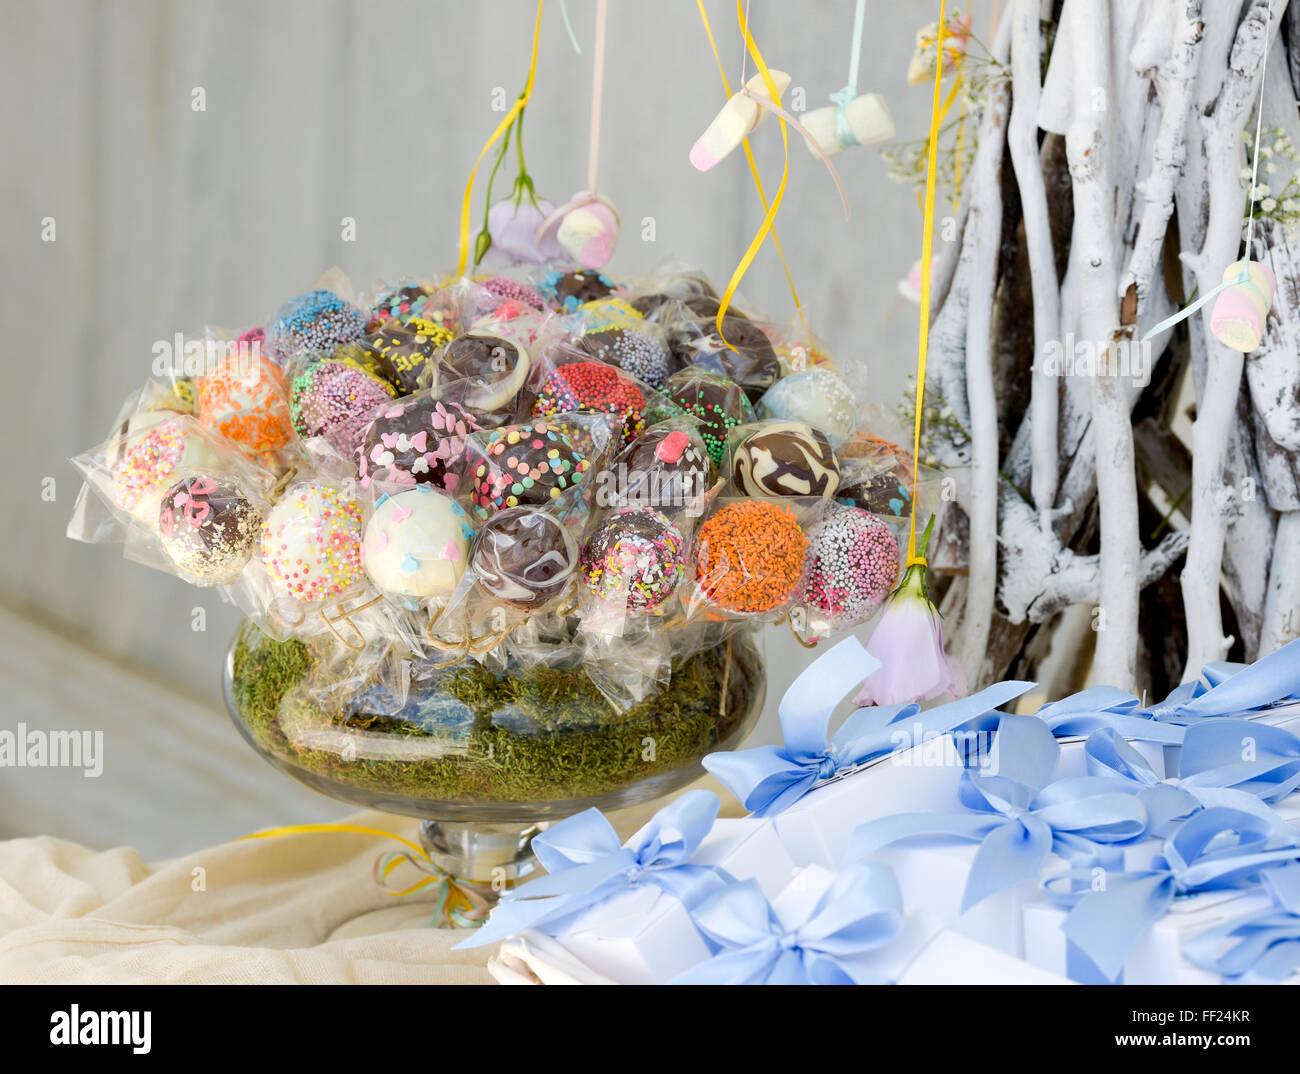 Deko Geburtstagstisch Tolle Artikel Fur Einen Geburtstagstisch